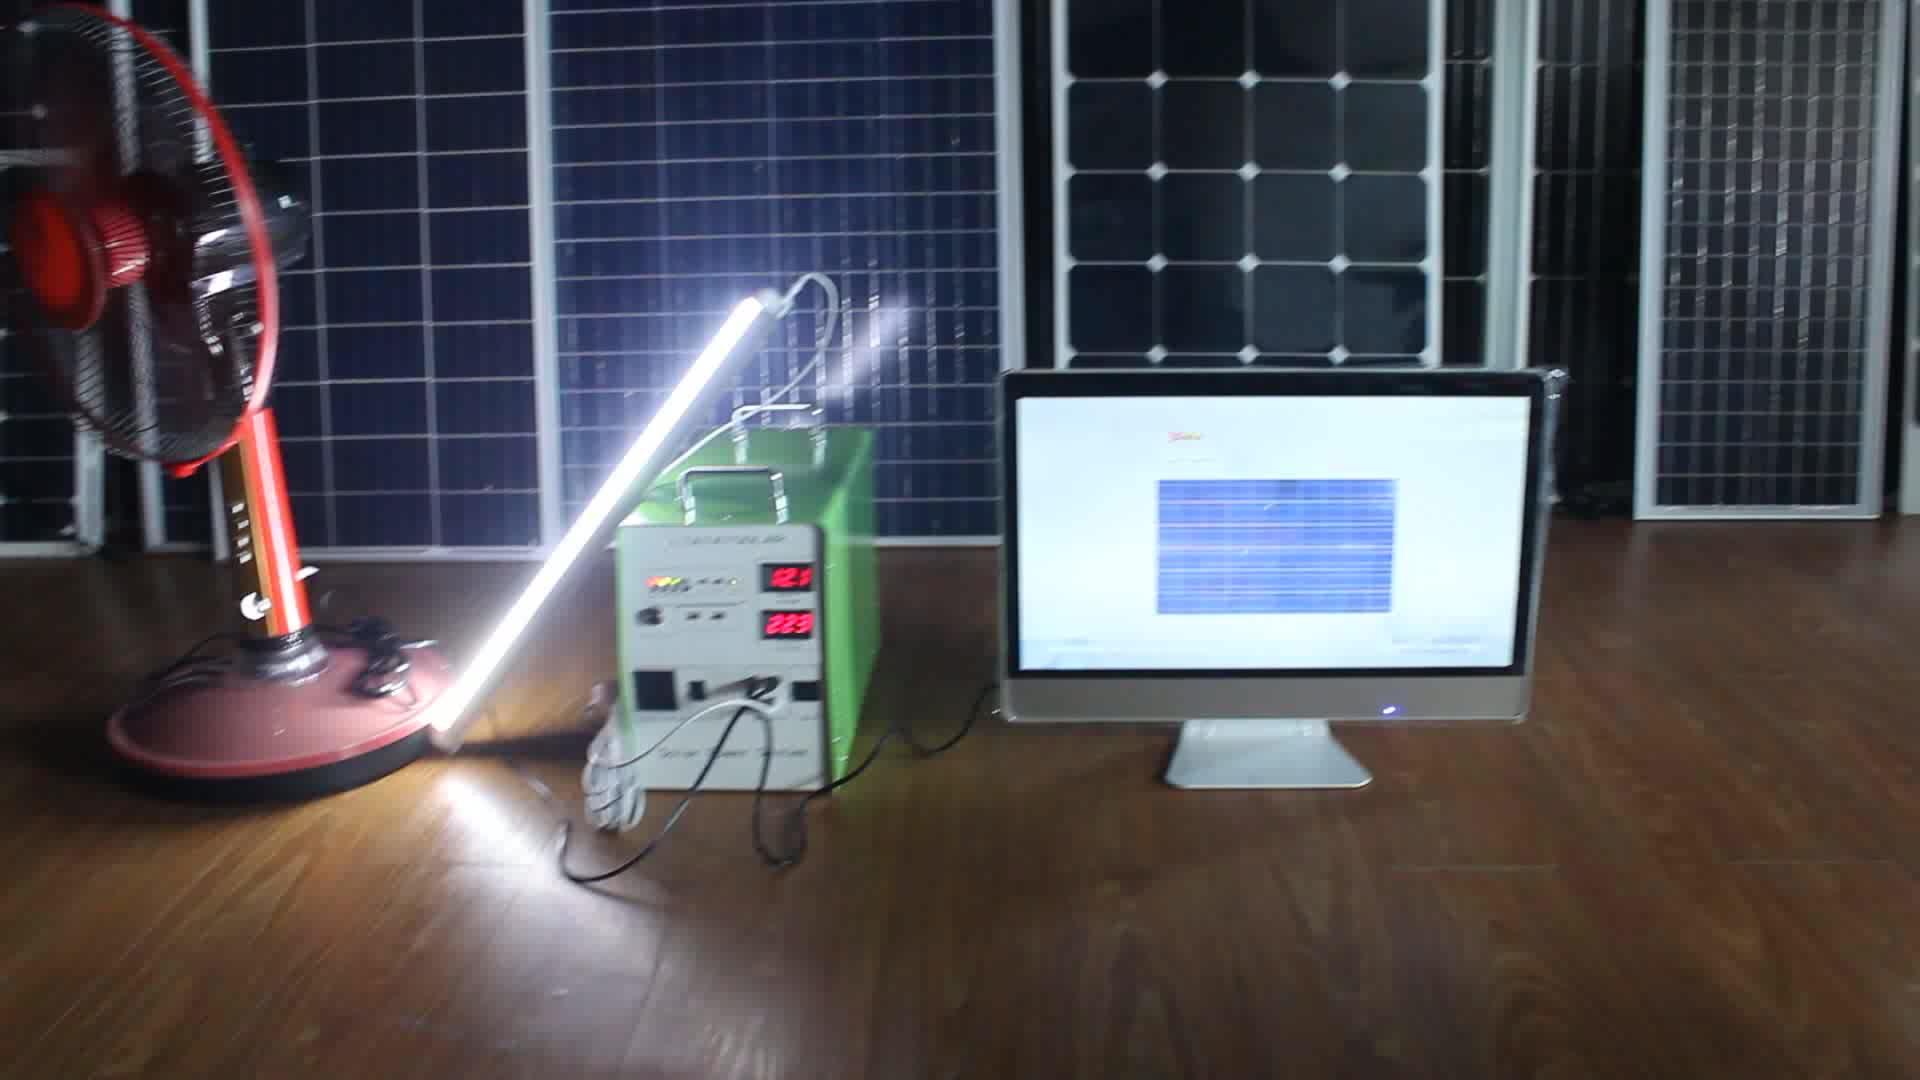 2017 مصغرة مولد 300 واط الشمسية المحمولة نظام الطاقة الشمسية